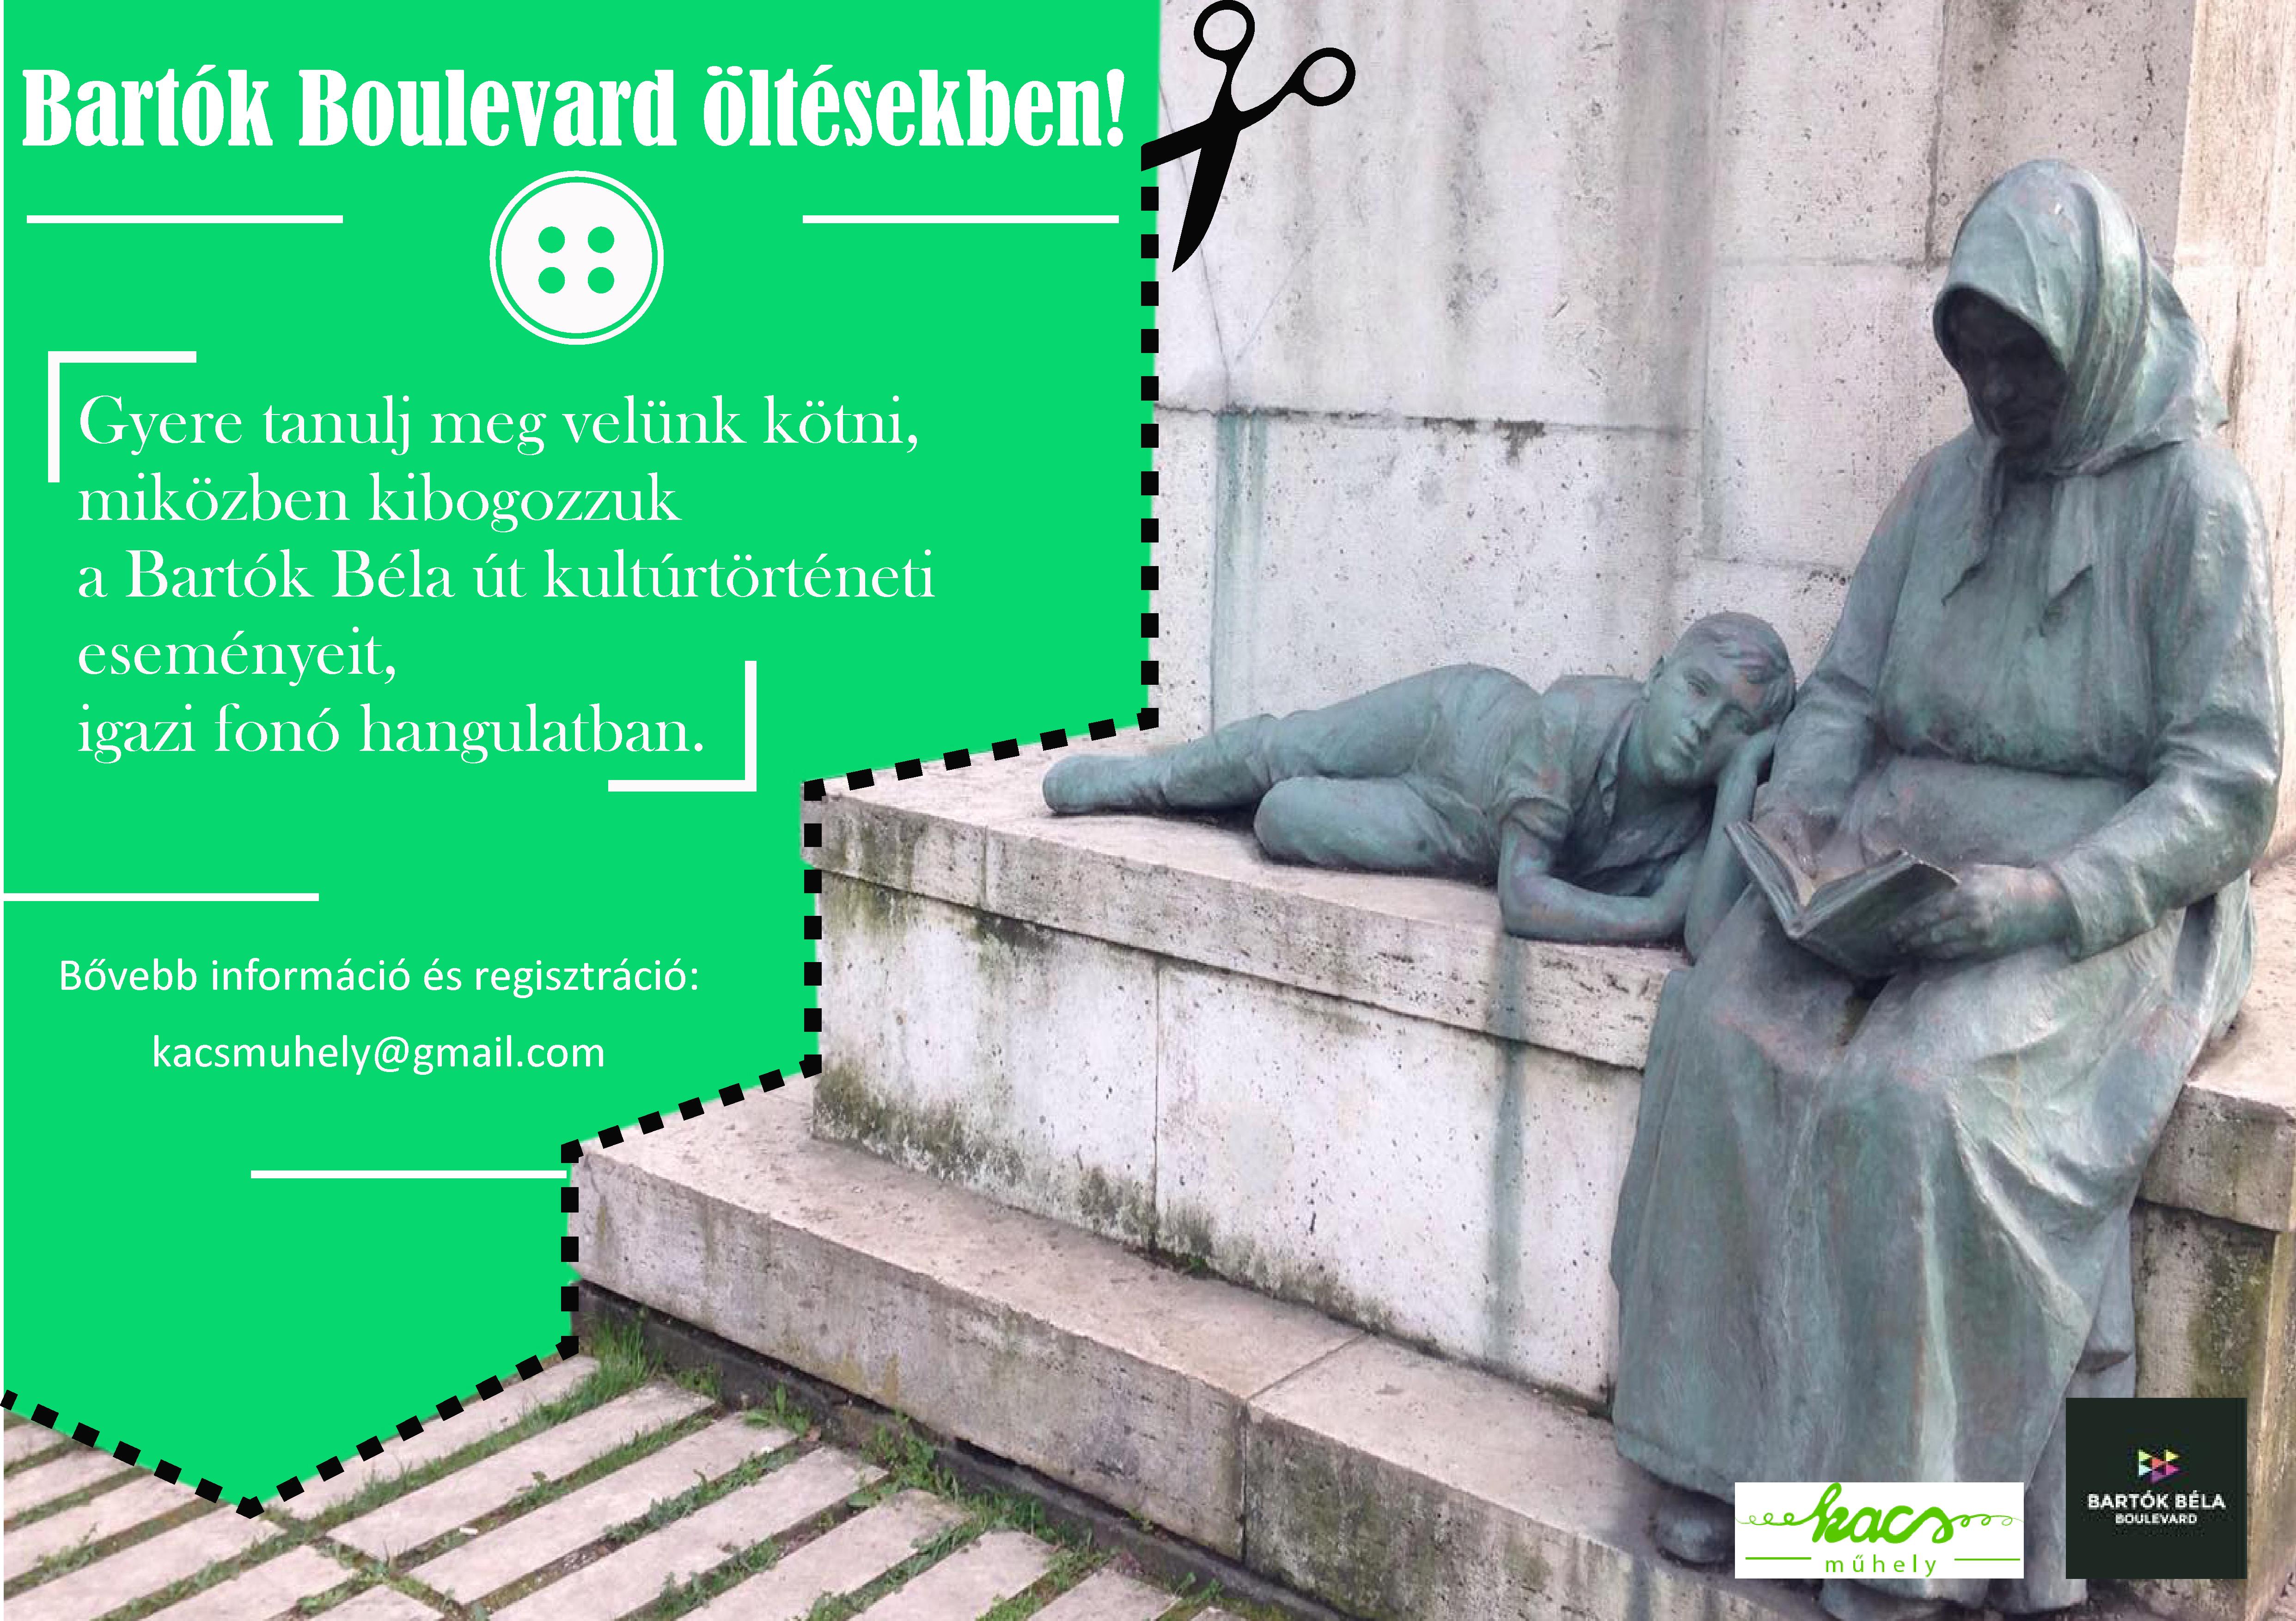 Bartók Boulevard öltésekben! #BartókAnno